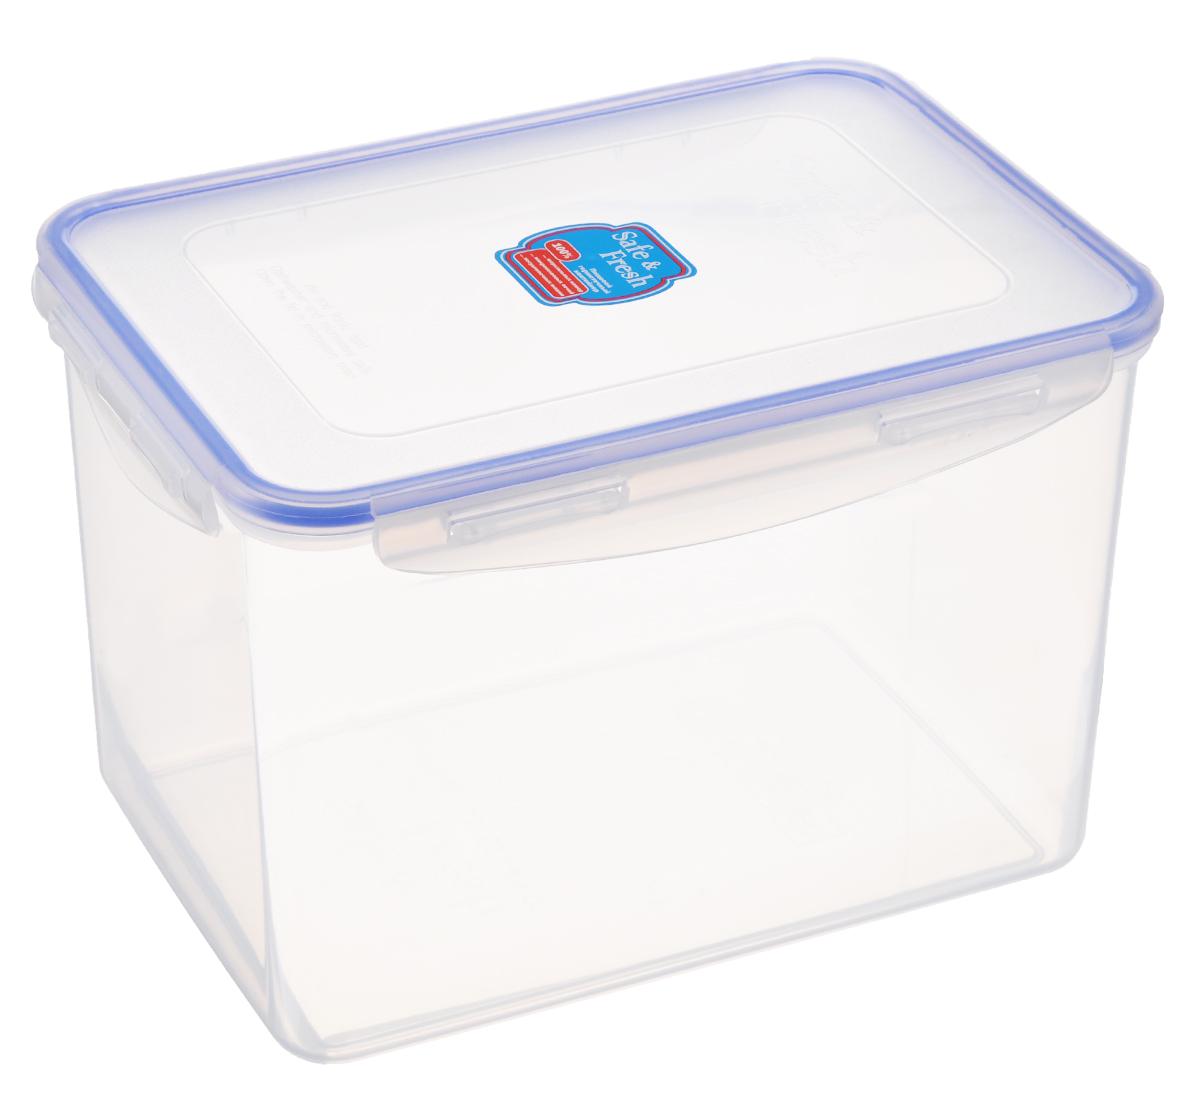 Контейнер пищевой Tek-a-Tek Safe & Fresh, цвет: прозрачный, синий, 3,9 лSF5-3Пищевой контейнер Tek-a-Tek Safe & Fresh выполнен из высококачественного пластика, устойчивого к высоким температурам. Контейнер предназначен для хранения продуктов питания, замораживания и разогревания в микроволновой печи. Изделие оснащено четырехсторонними петлями-замками и силиконовой прокладкой на внутренней стороне крышки, что позволяет сохранять герметичность. Изделие абсолютно нетоксично при любом температурном режиме. Можно использовать в посудомоечной машине до +120°С, в микроволновой печи (без крышки), в морозильной камере - 40°С.